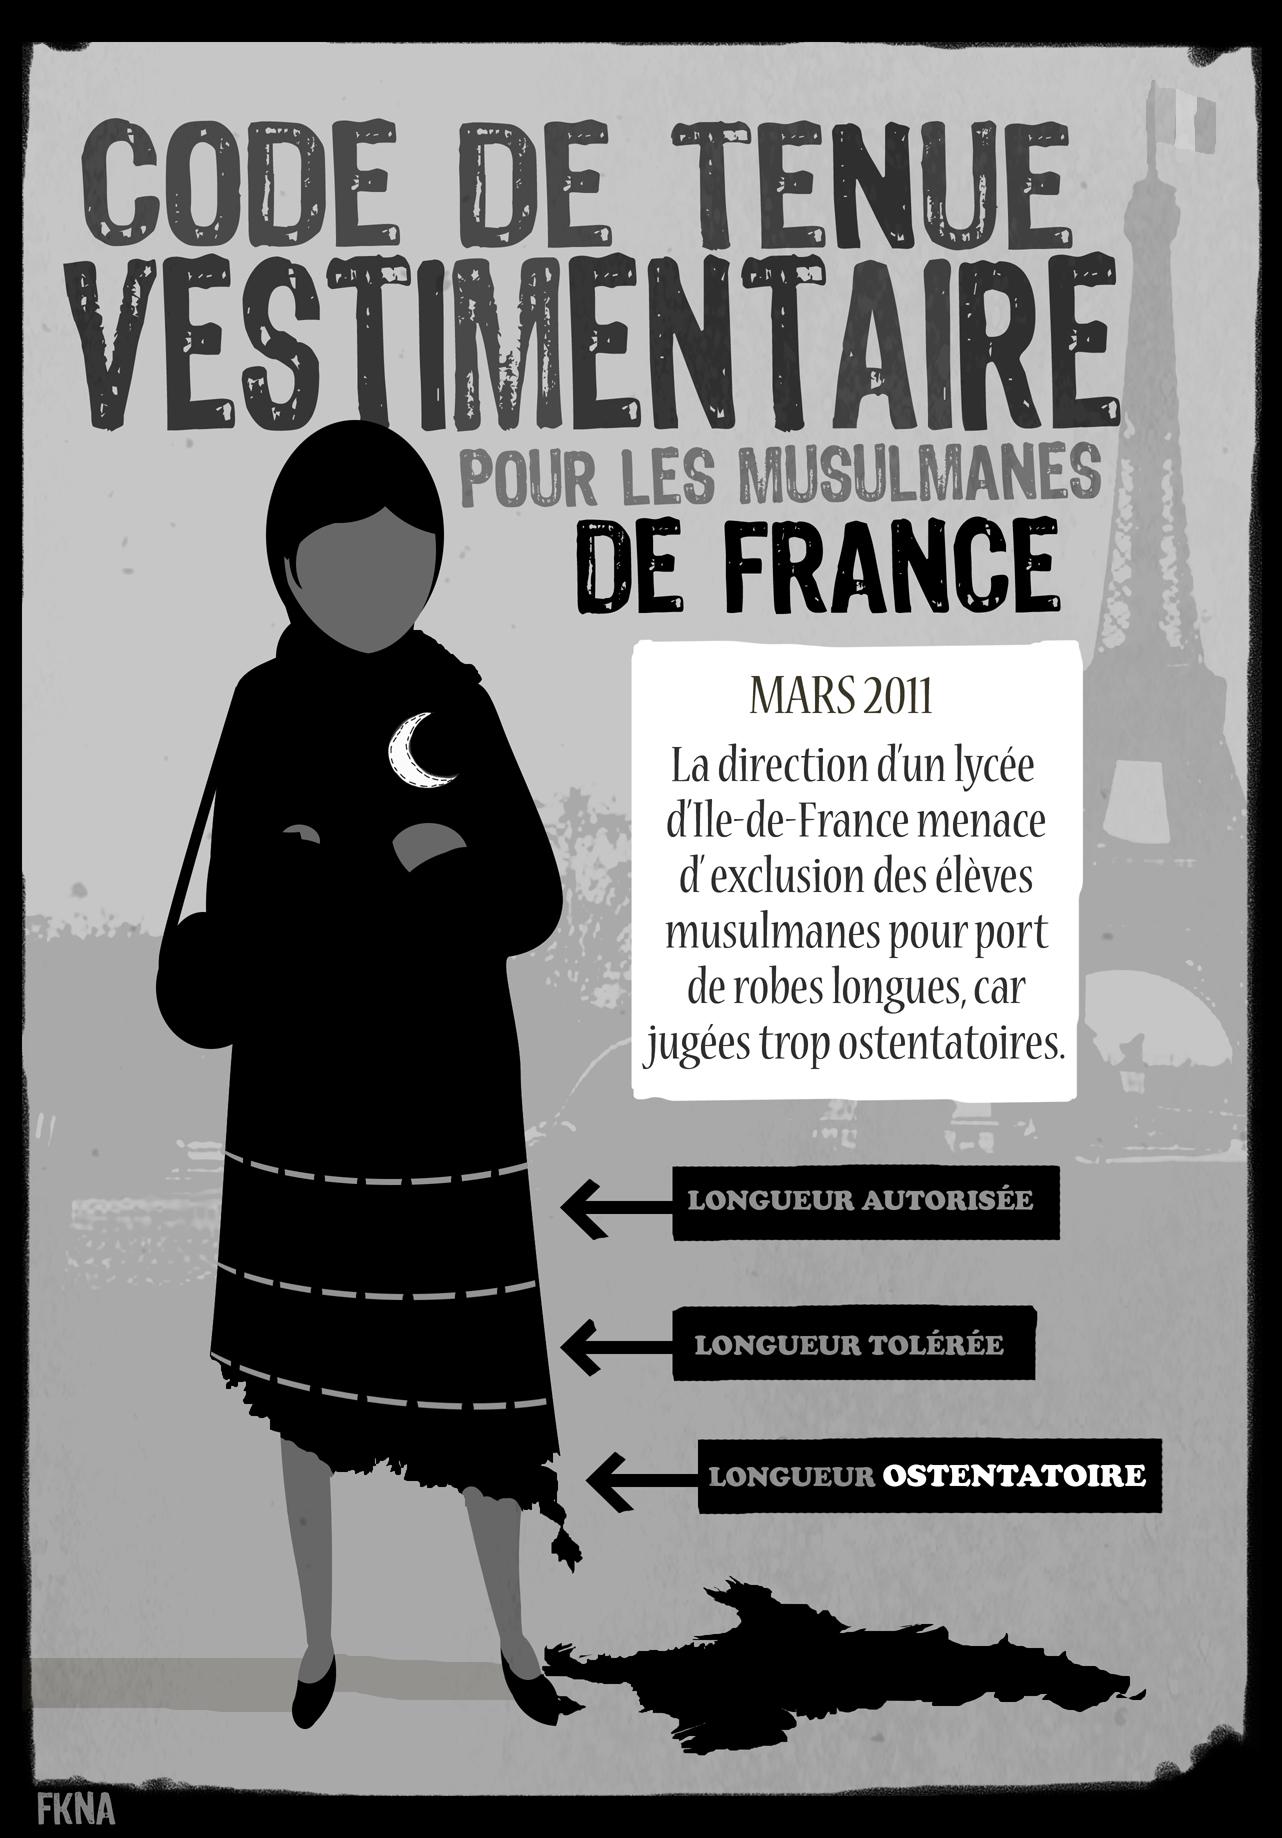 code de tenue vestimentaire pour musulmanes de france l 39 affiche. Black Bedroom Furniture Sets. Home Design Ideas